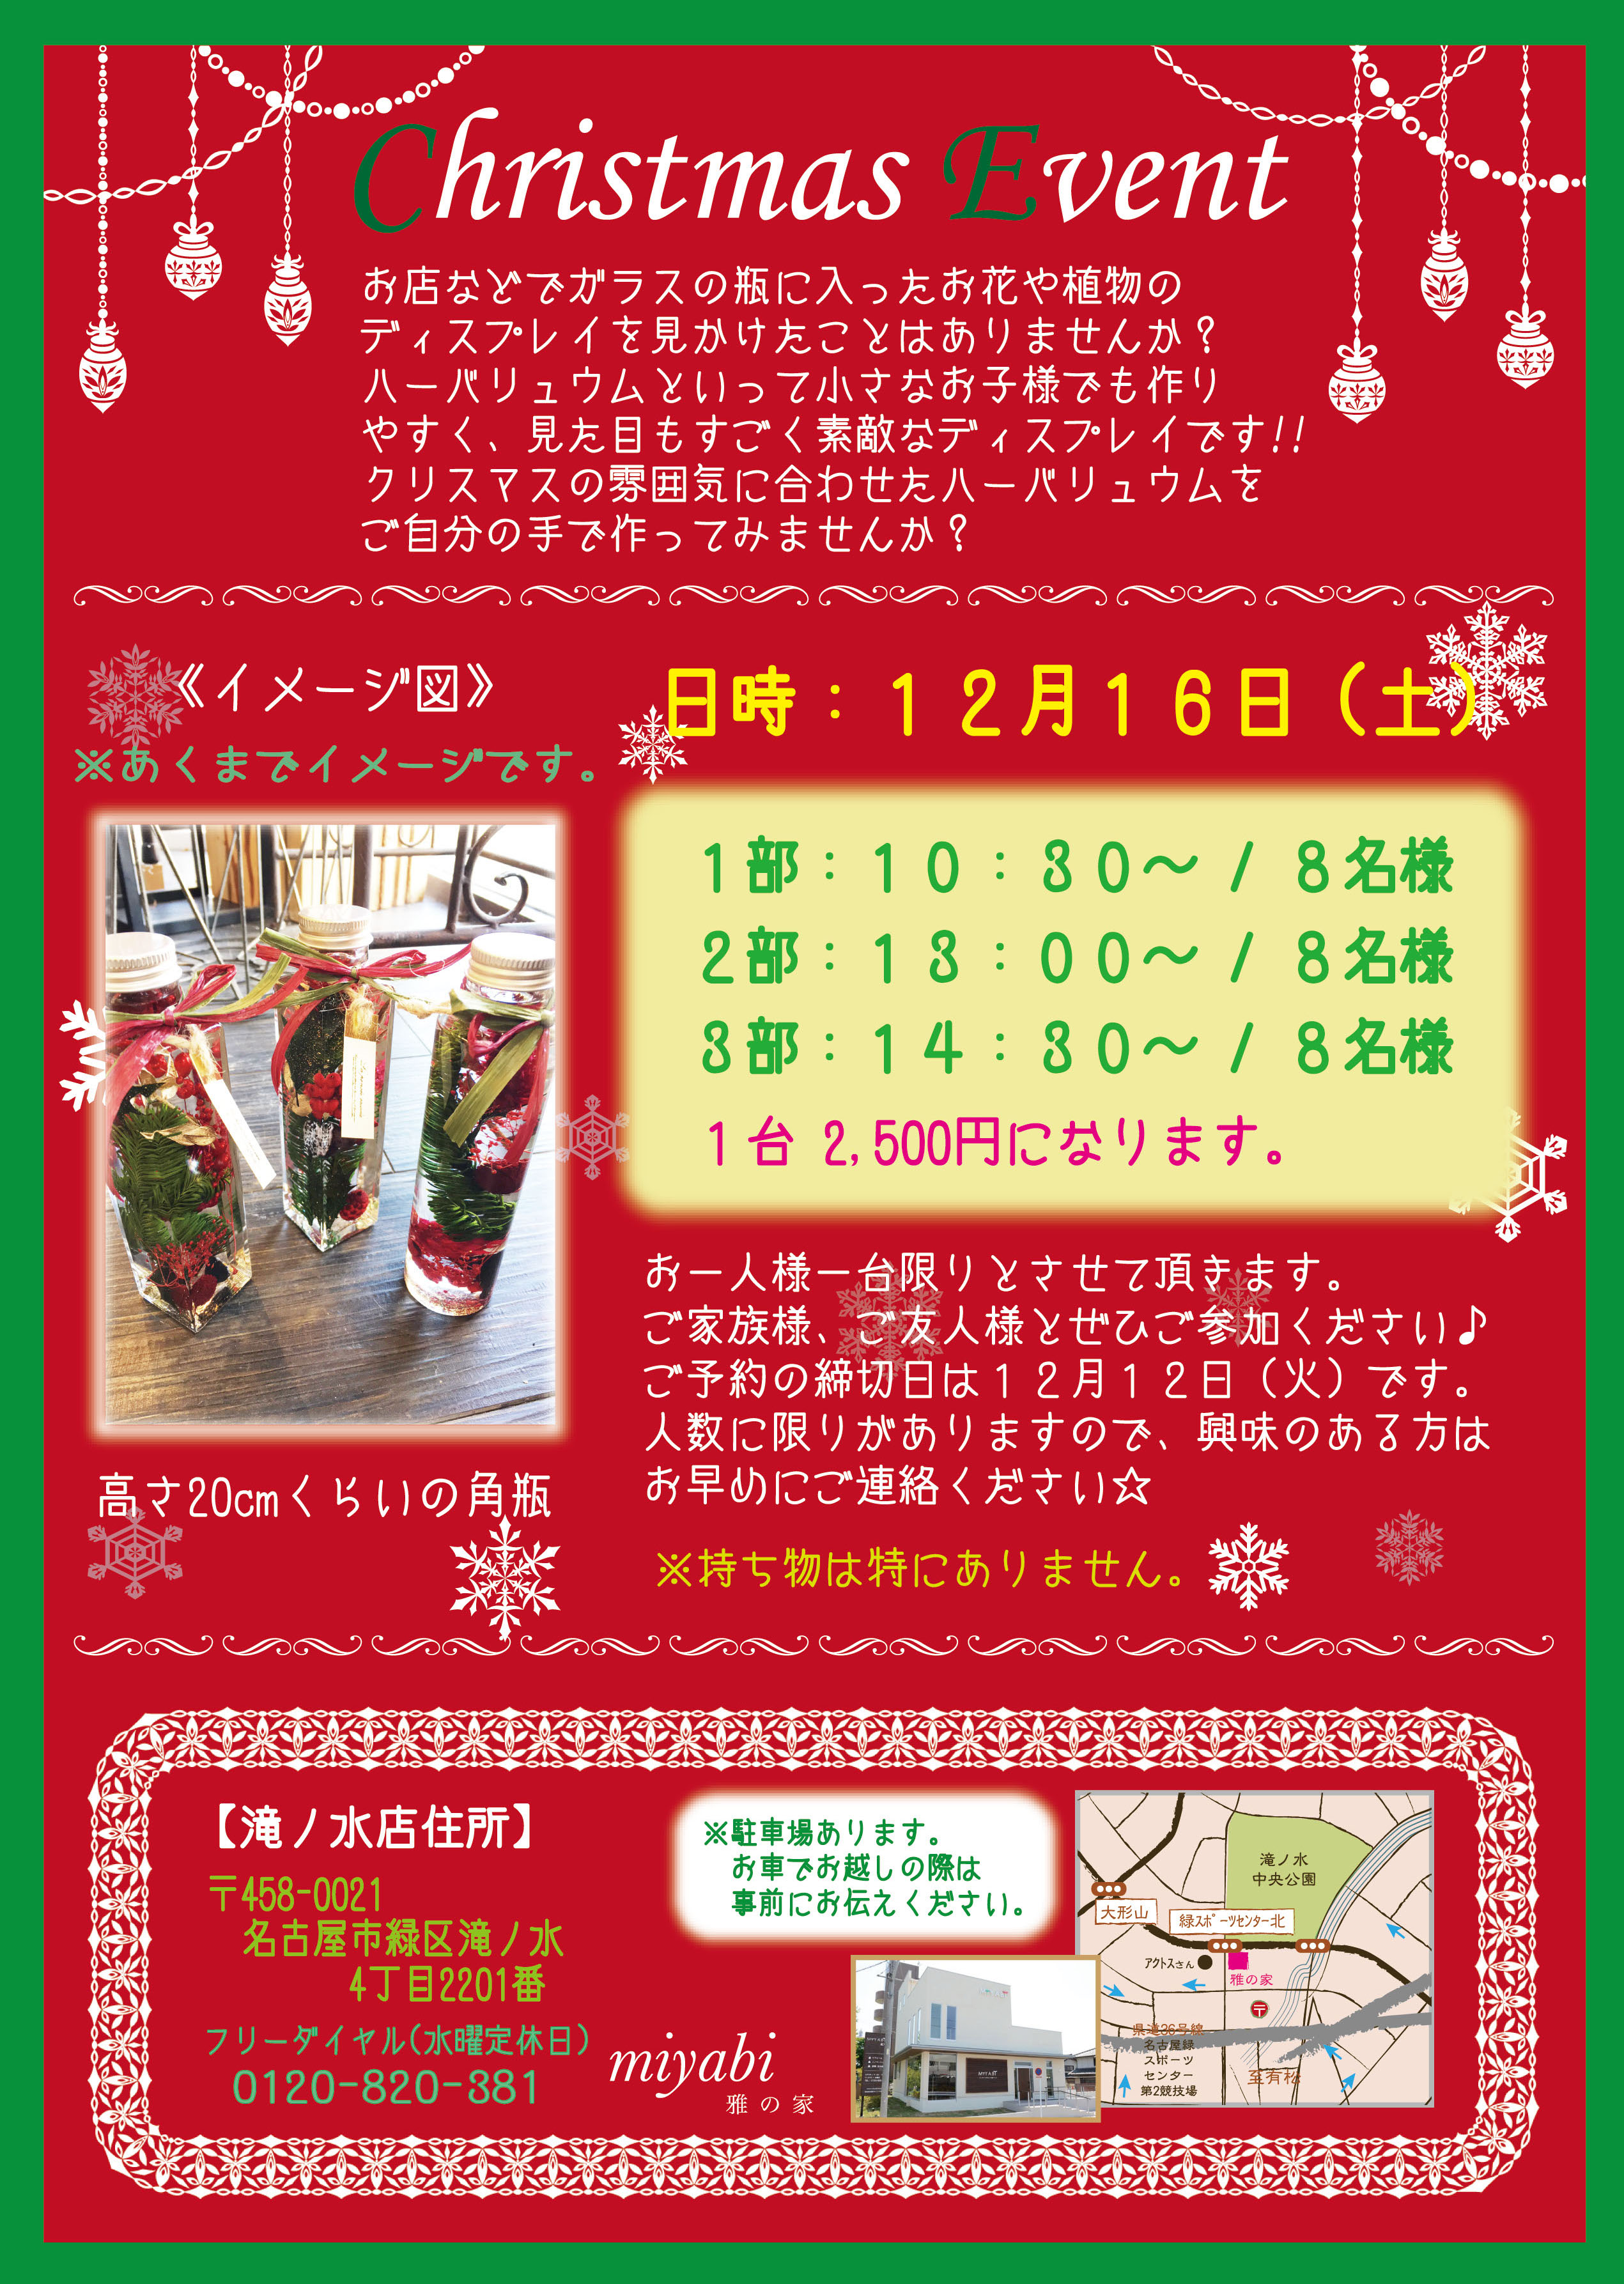 雅の家 クリスマスイベント 2017年12月16日(土) 10:30~開催